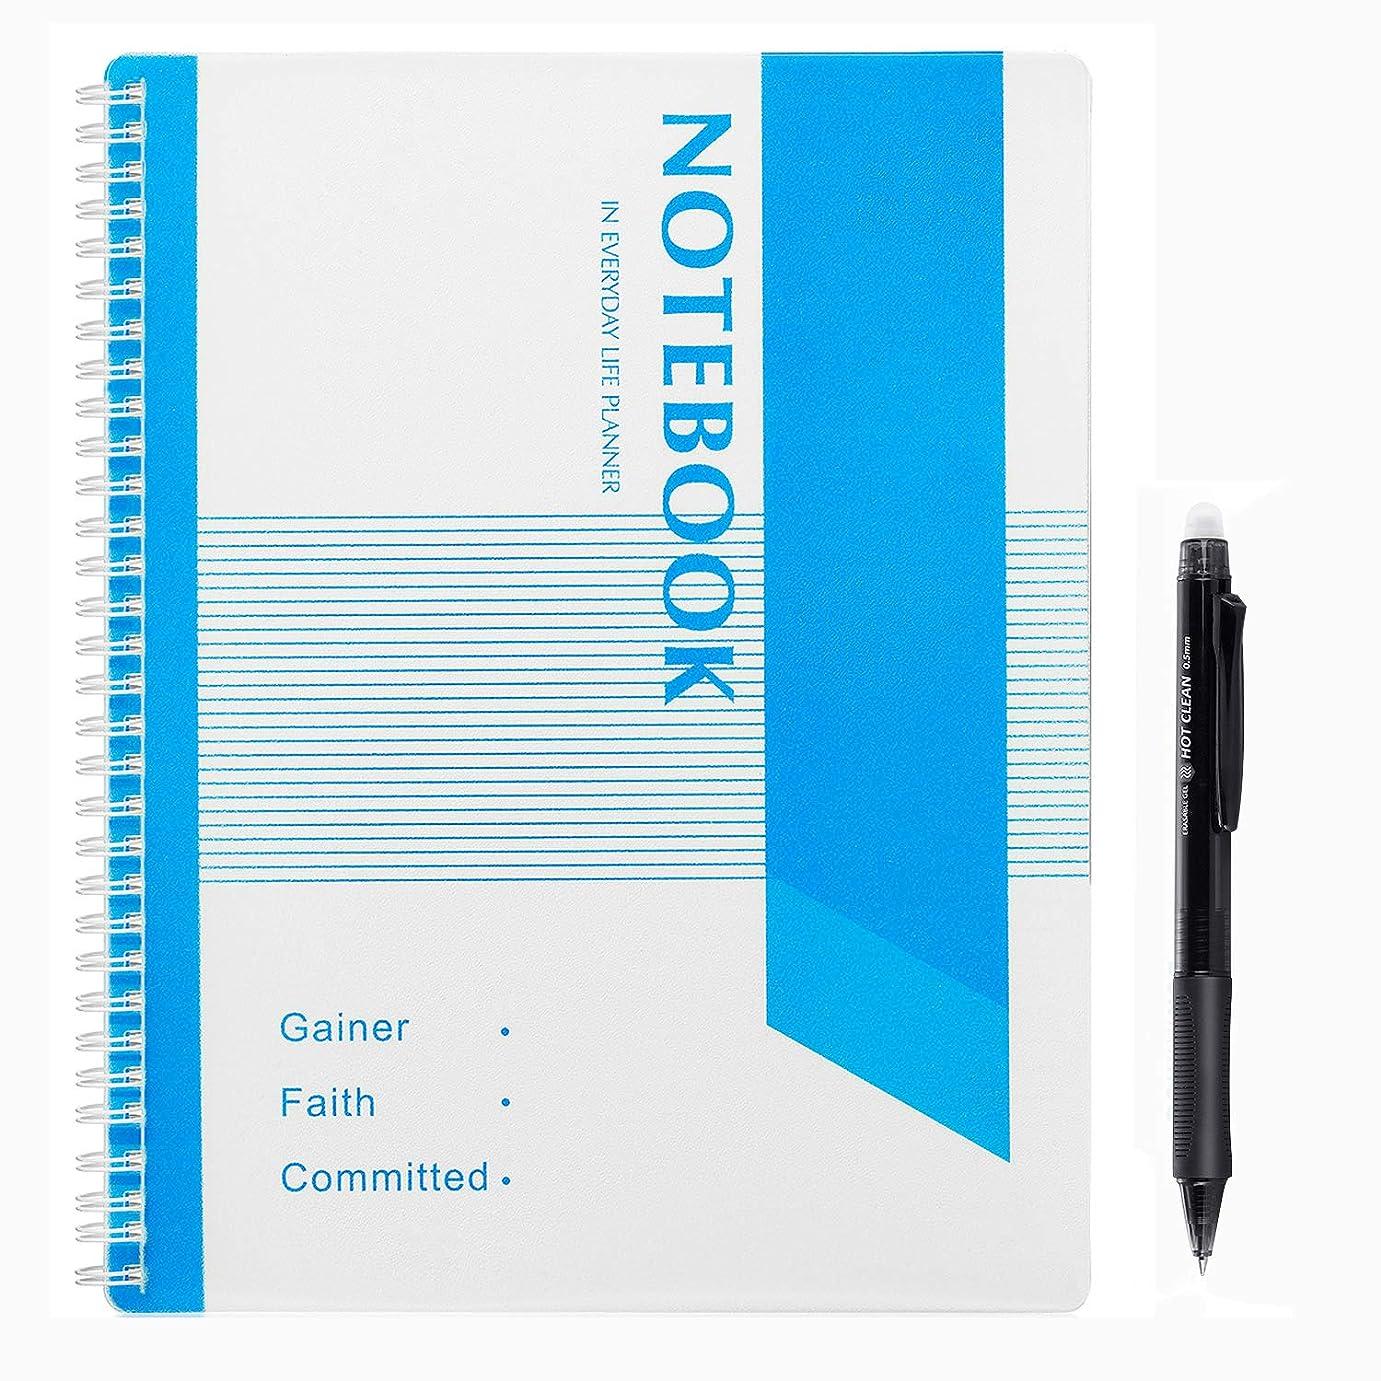 YOYOGI スマートノート 3冊セット 15枚 22*27.5cm 布で消し デジタルノート おもしろ 文房具 2019